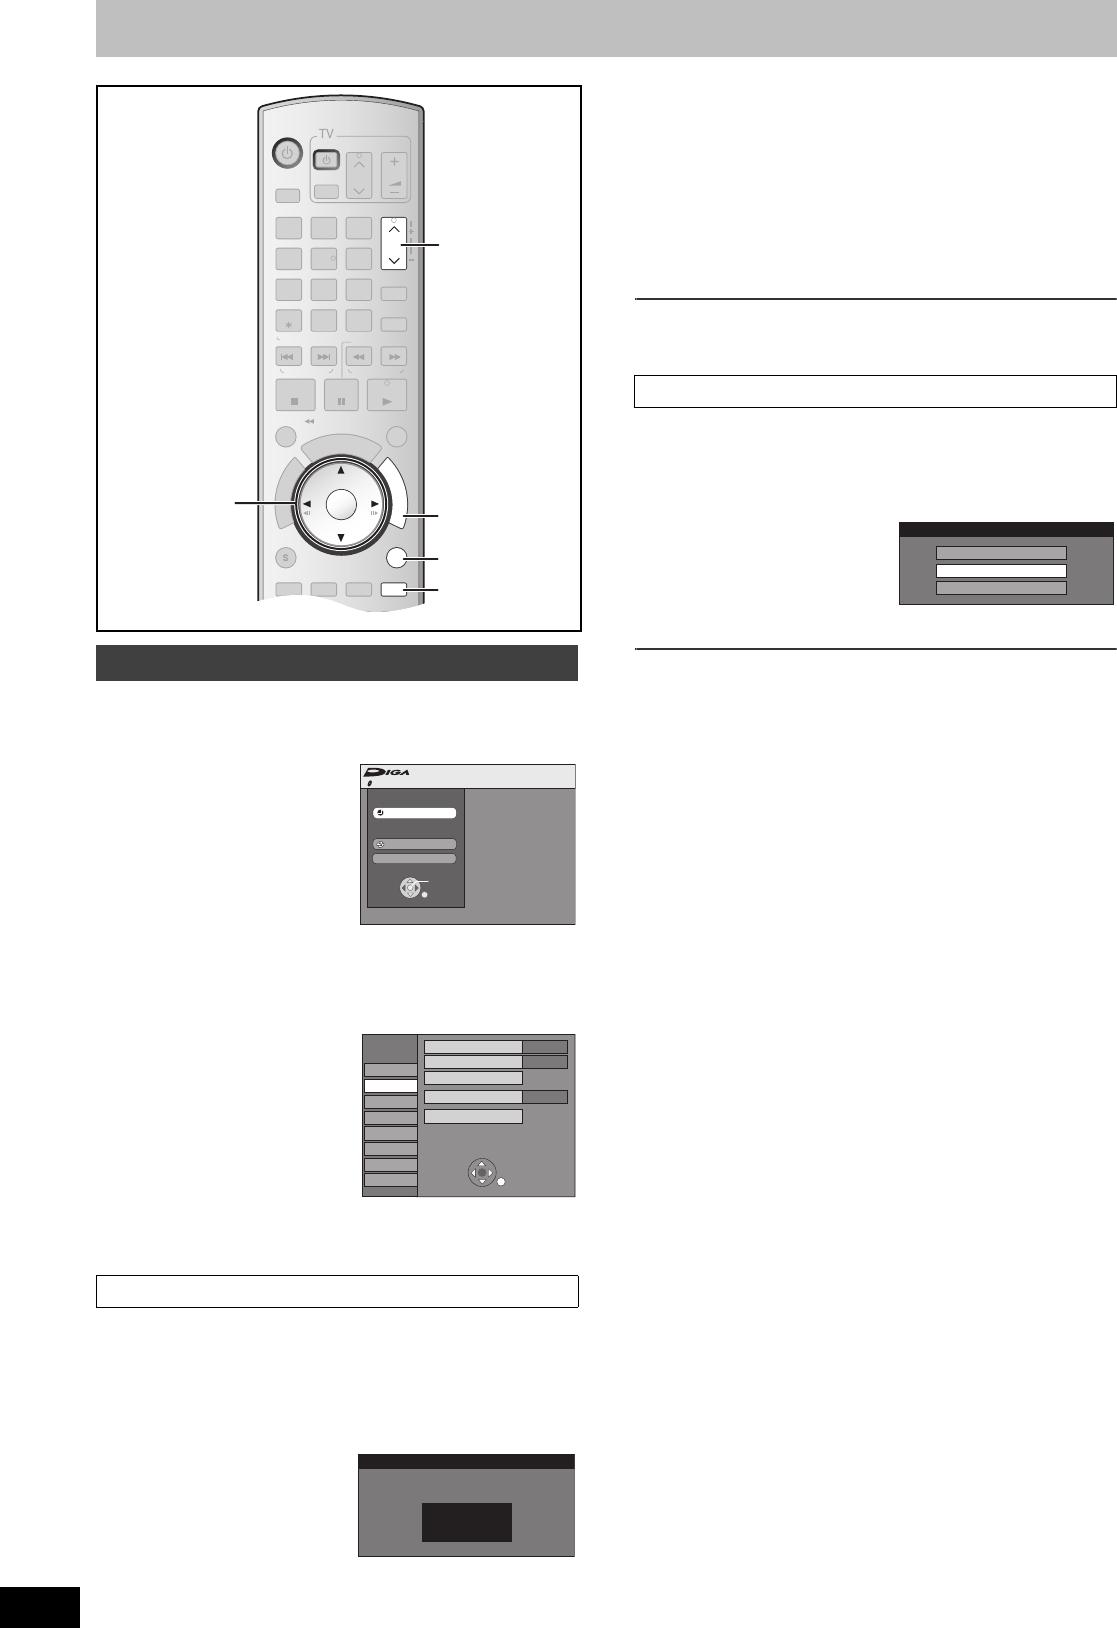 dmr es35v manual pdf